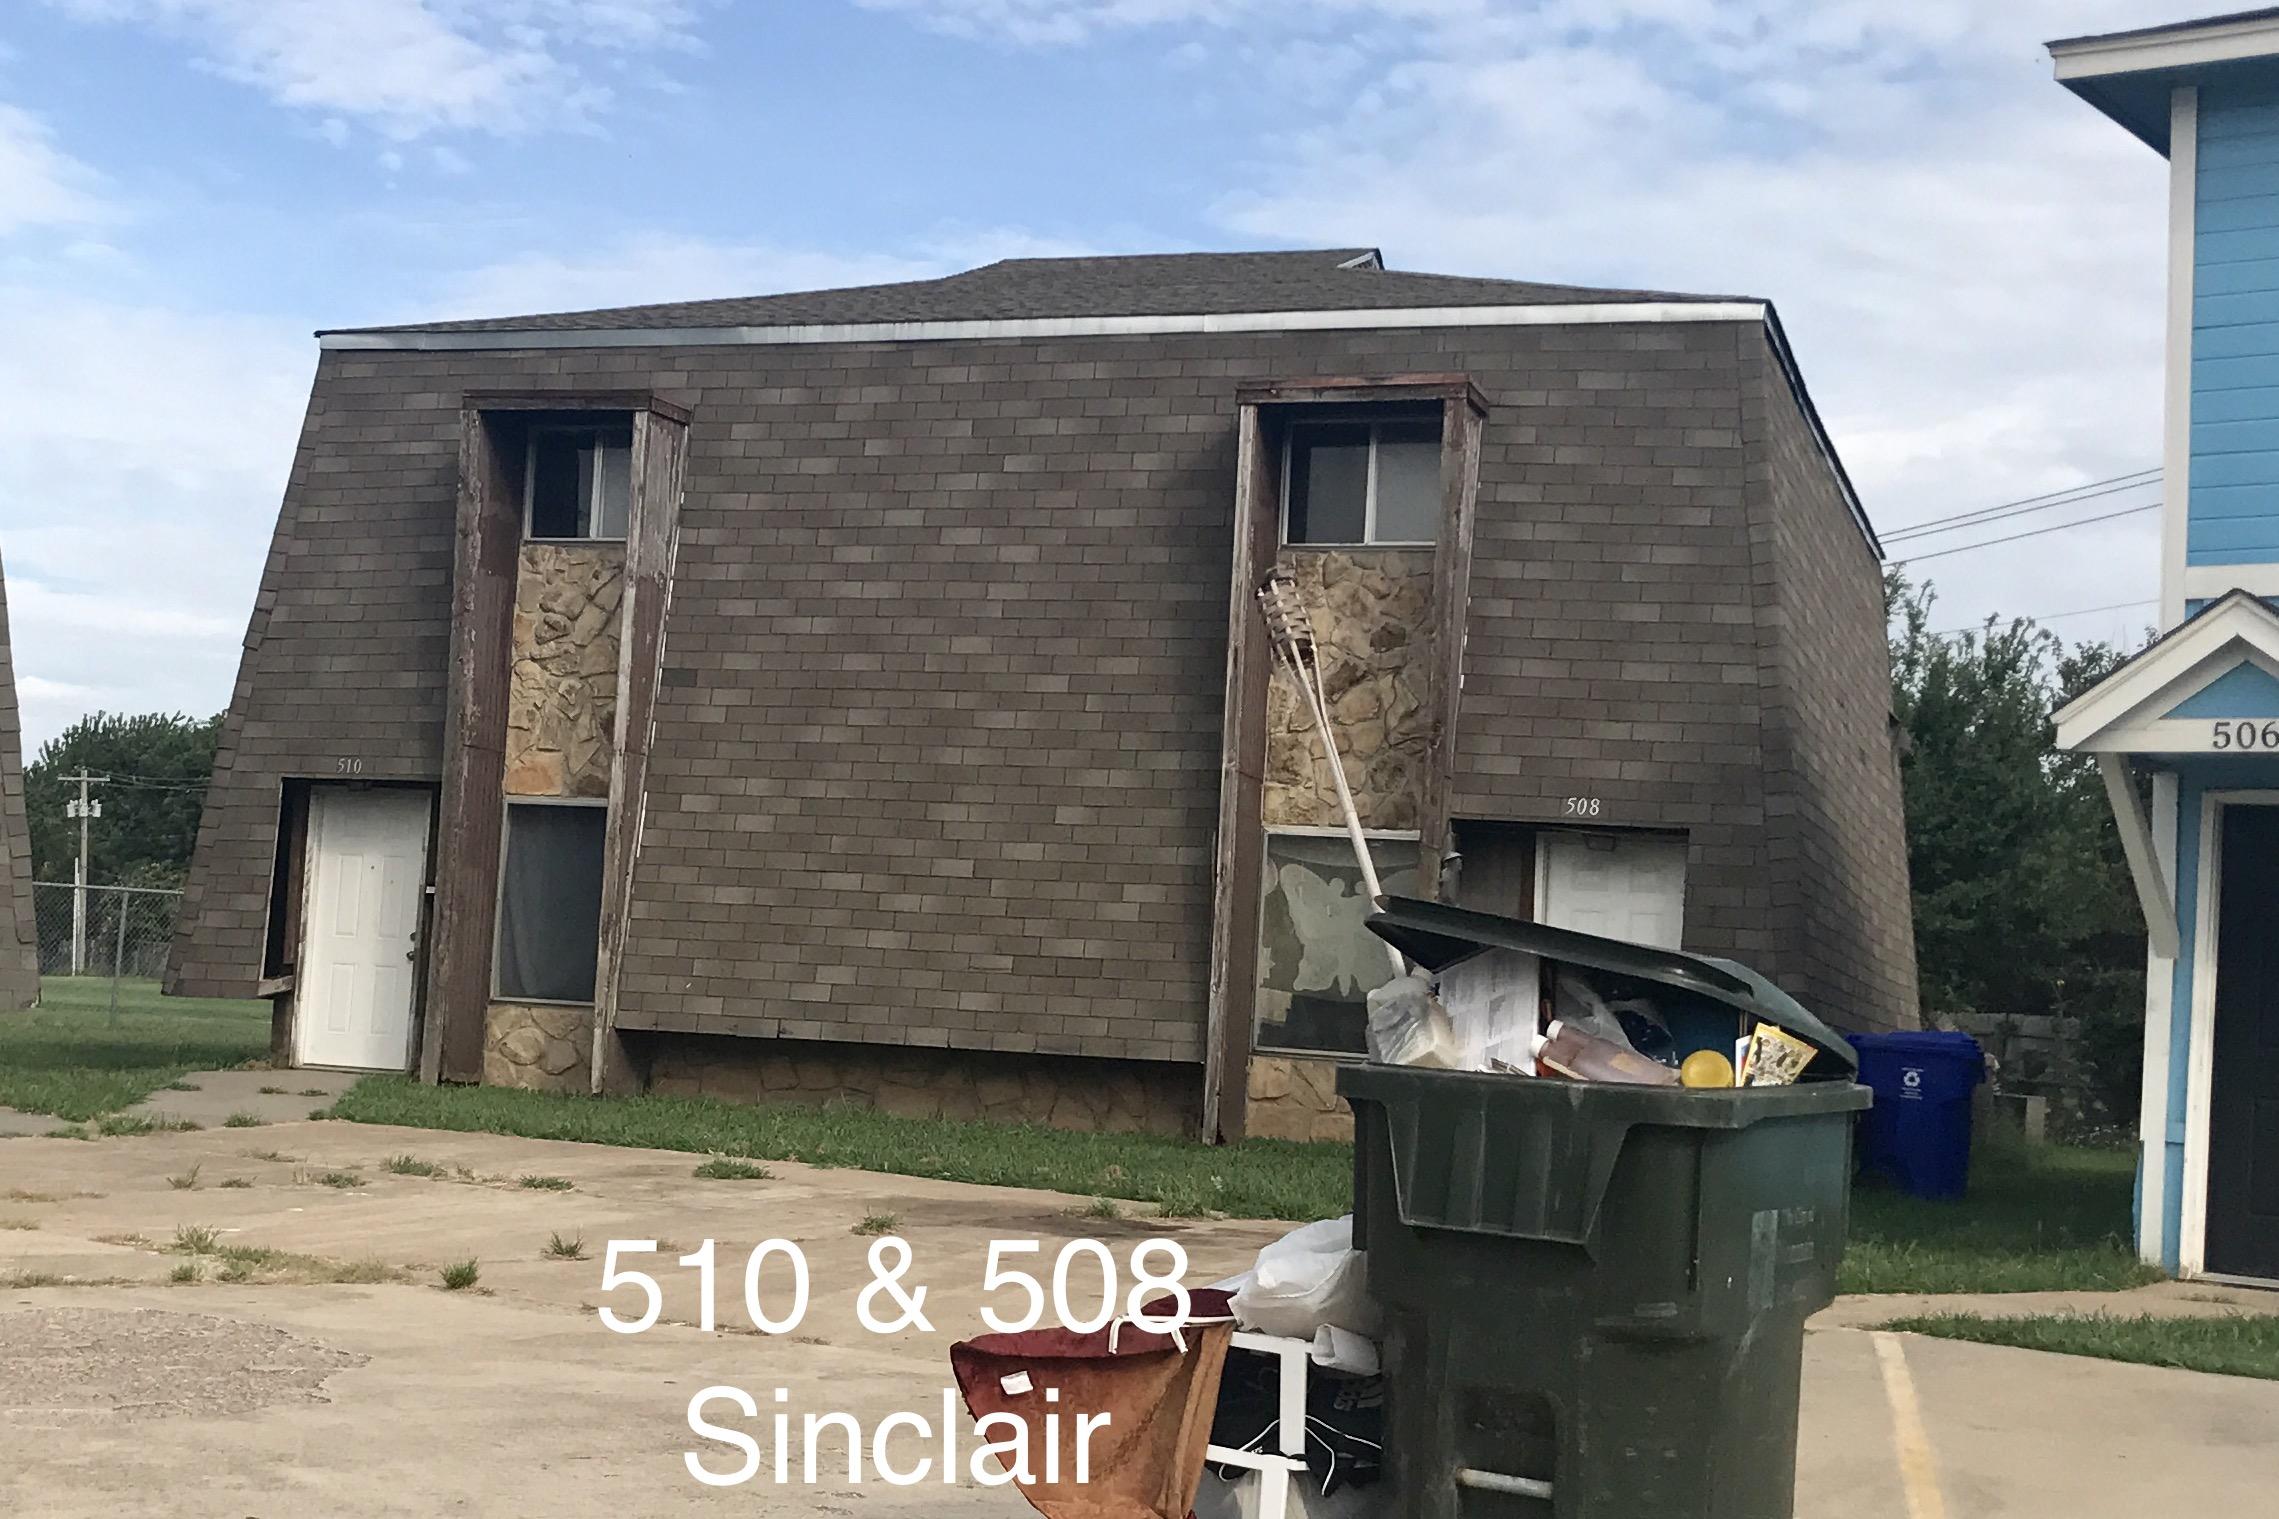 510 & 508 Sinclair.jpg